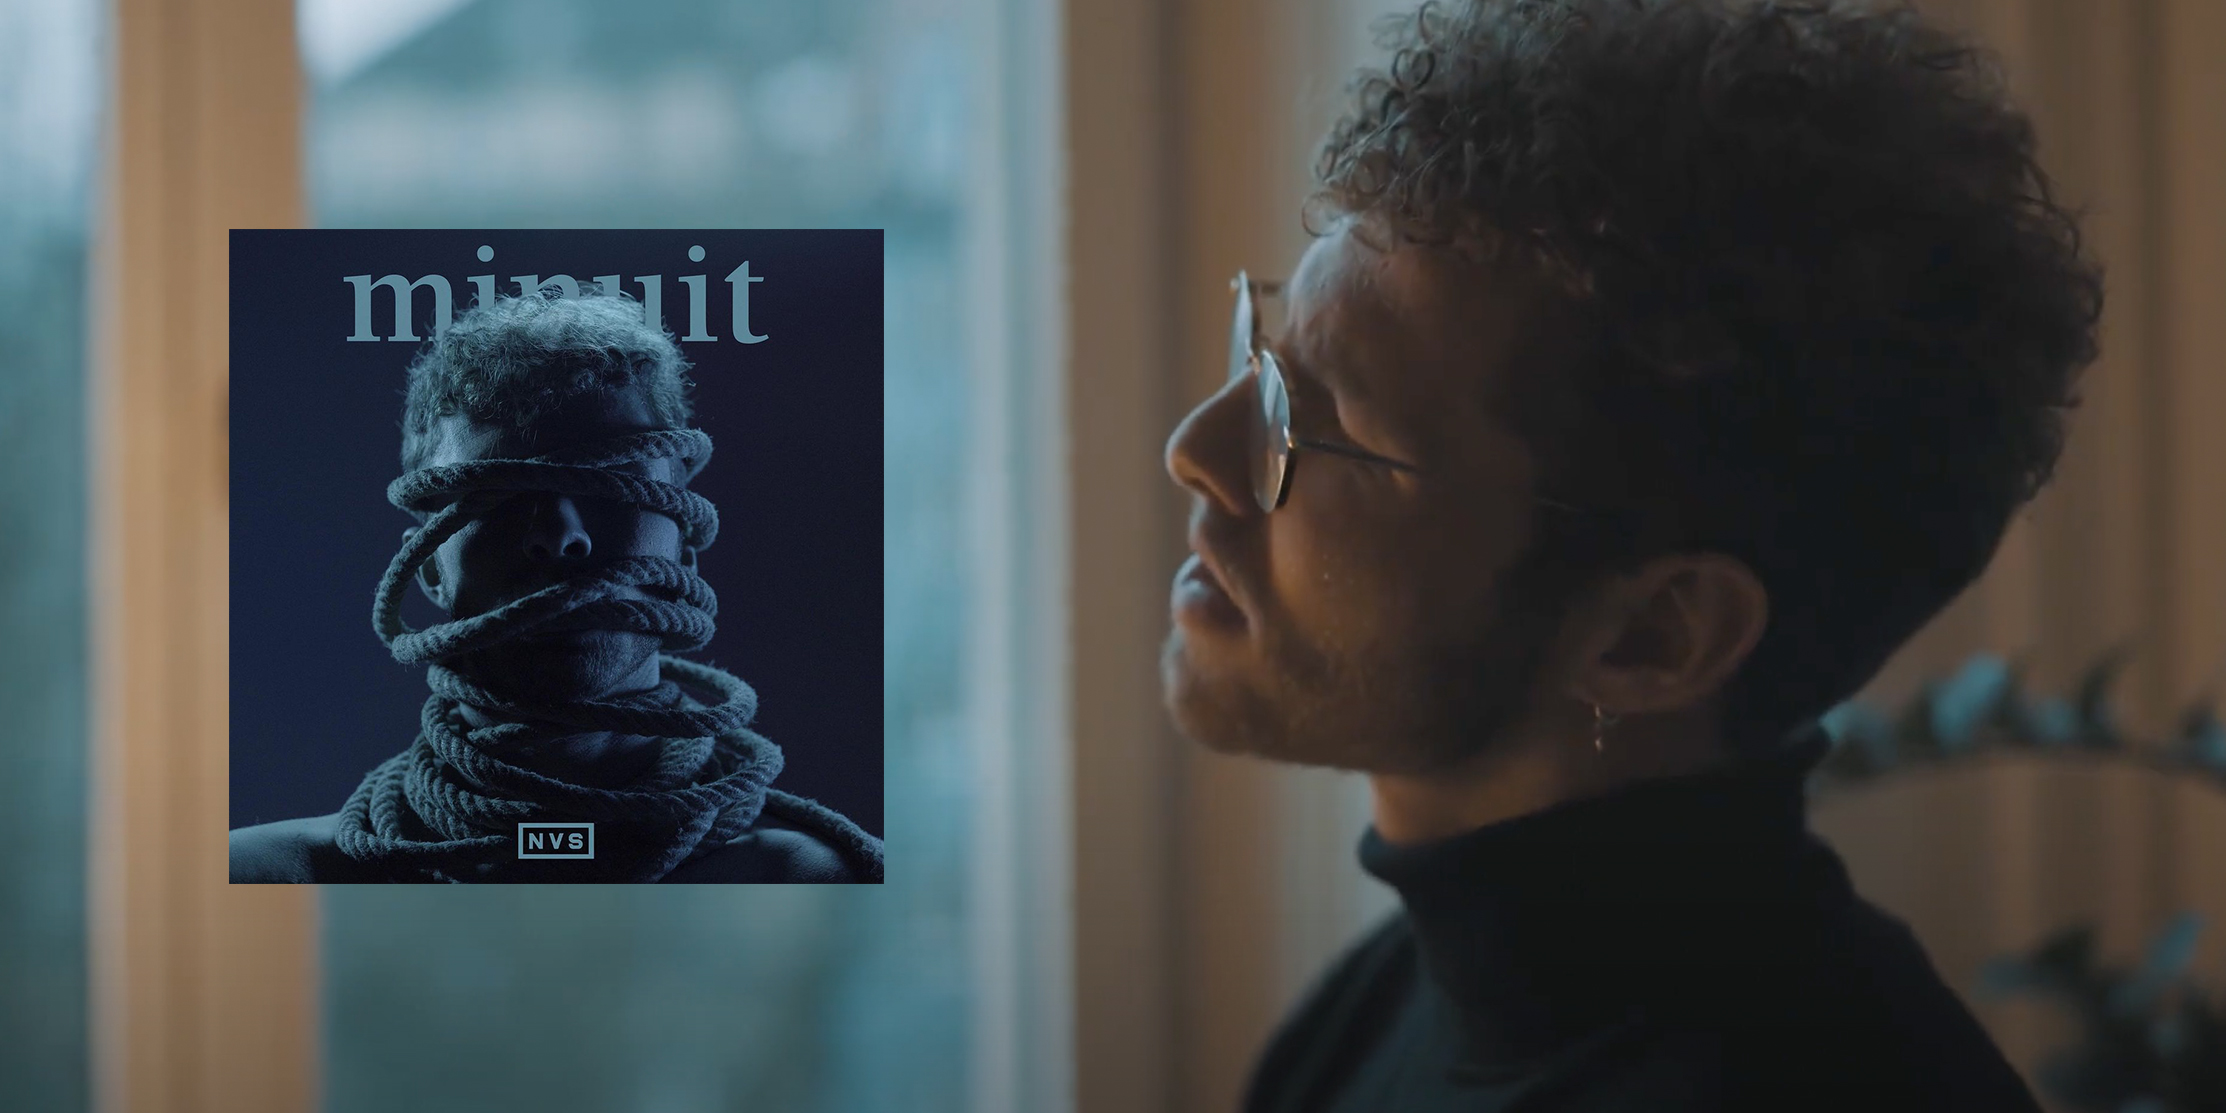 Draussen herrscht Krieg: Enzo mit neuer Single über die innere Zerrissenheit